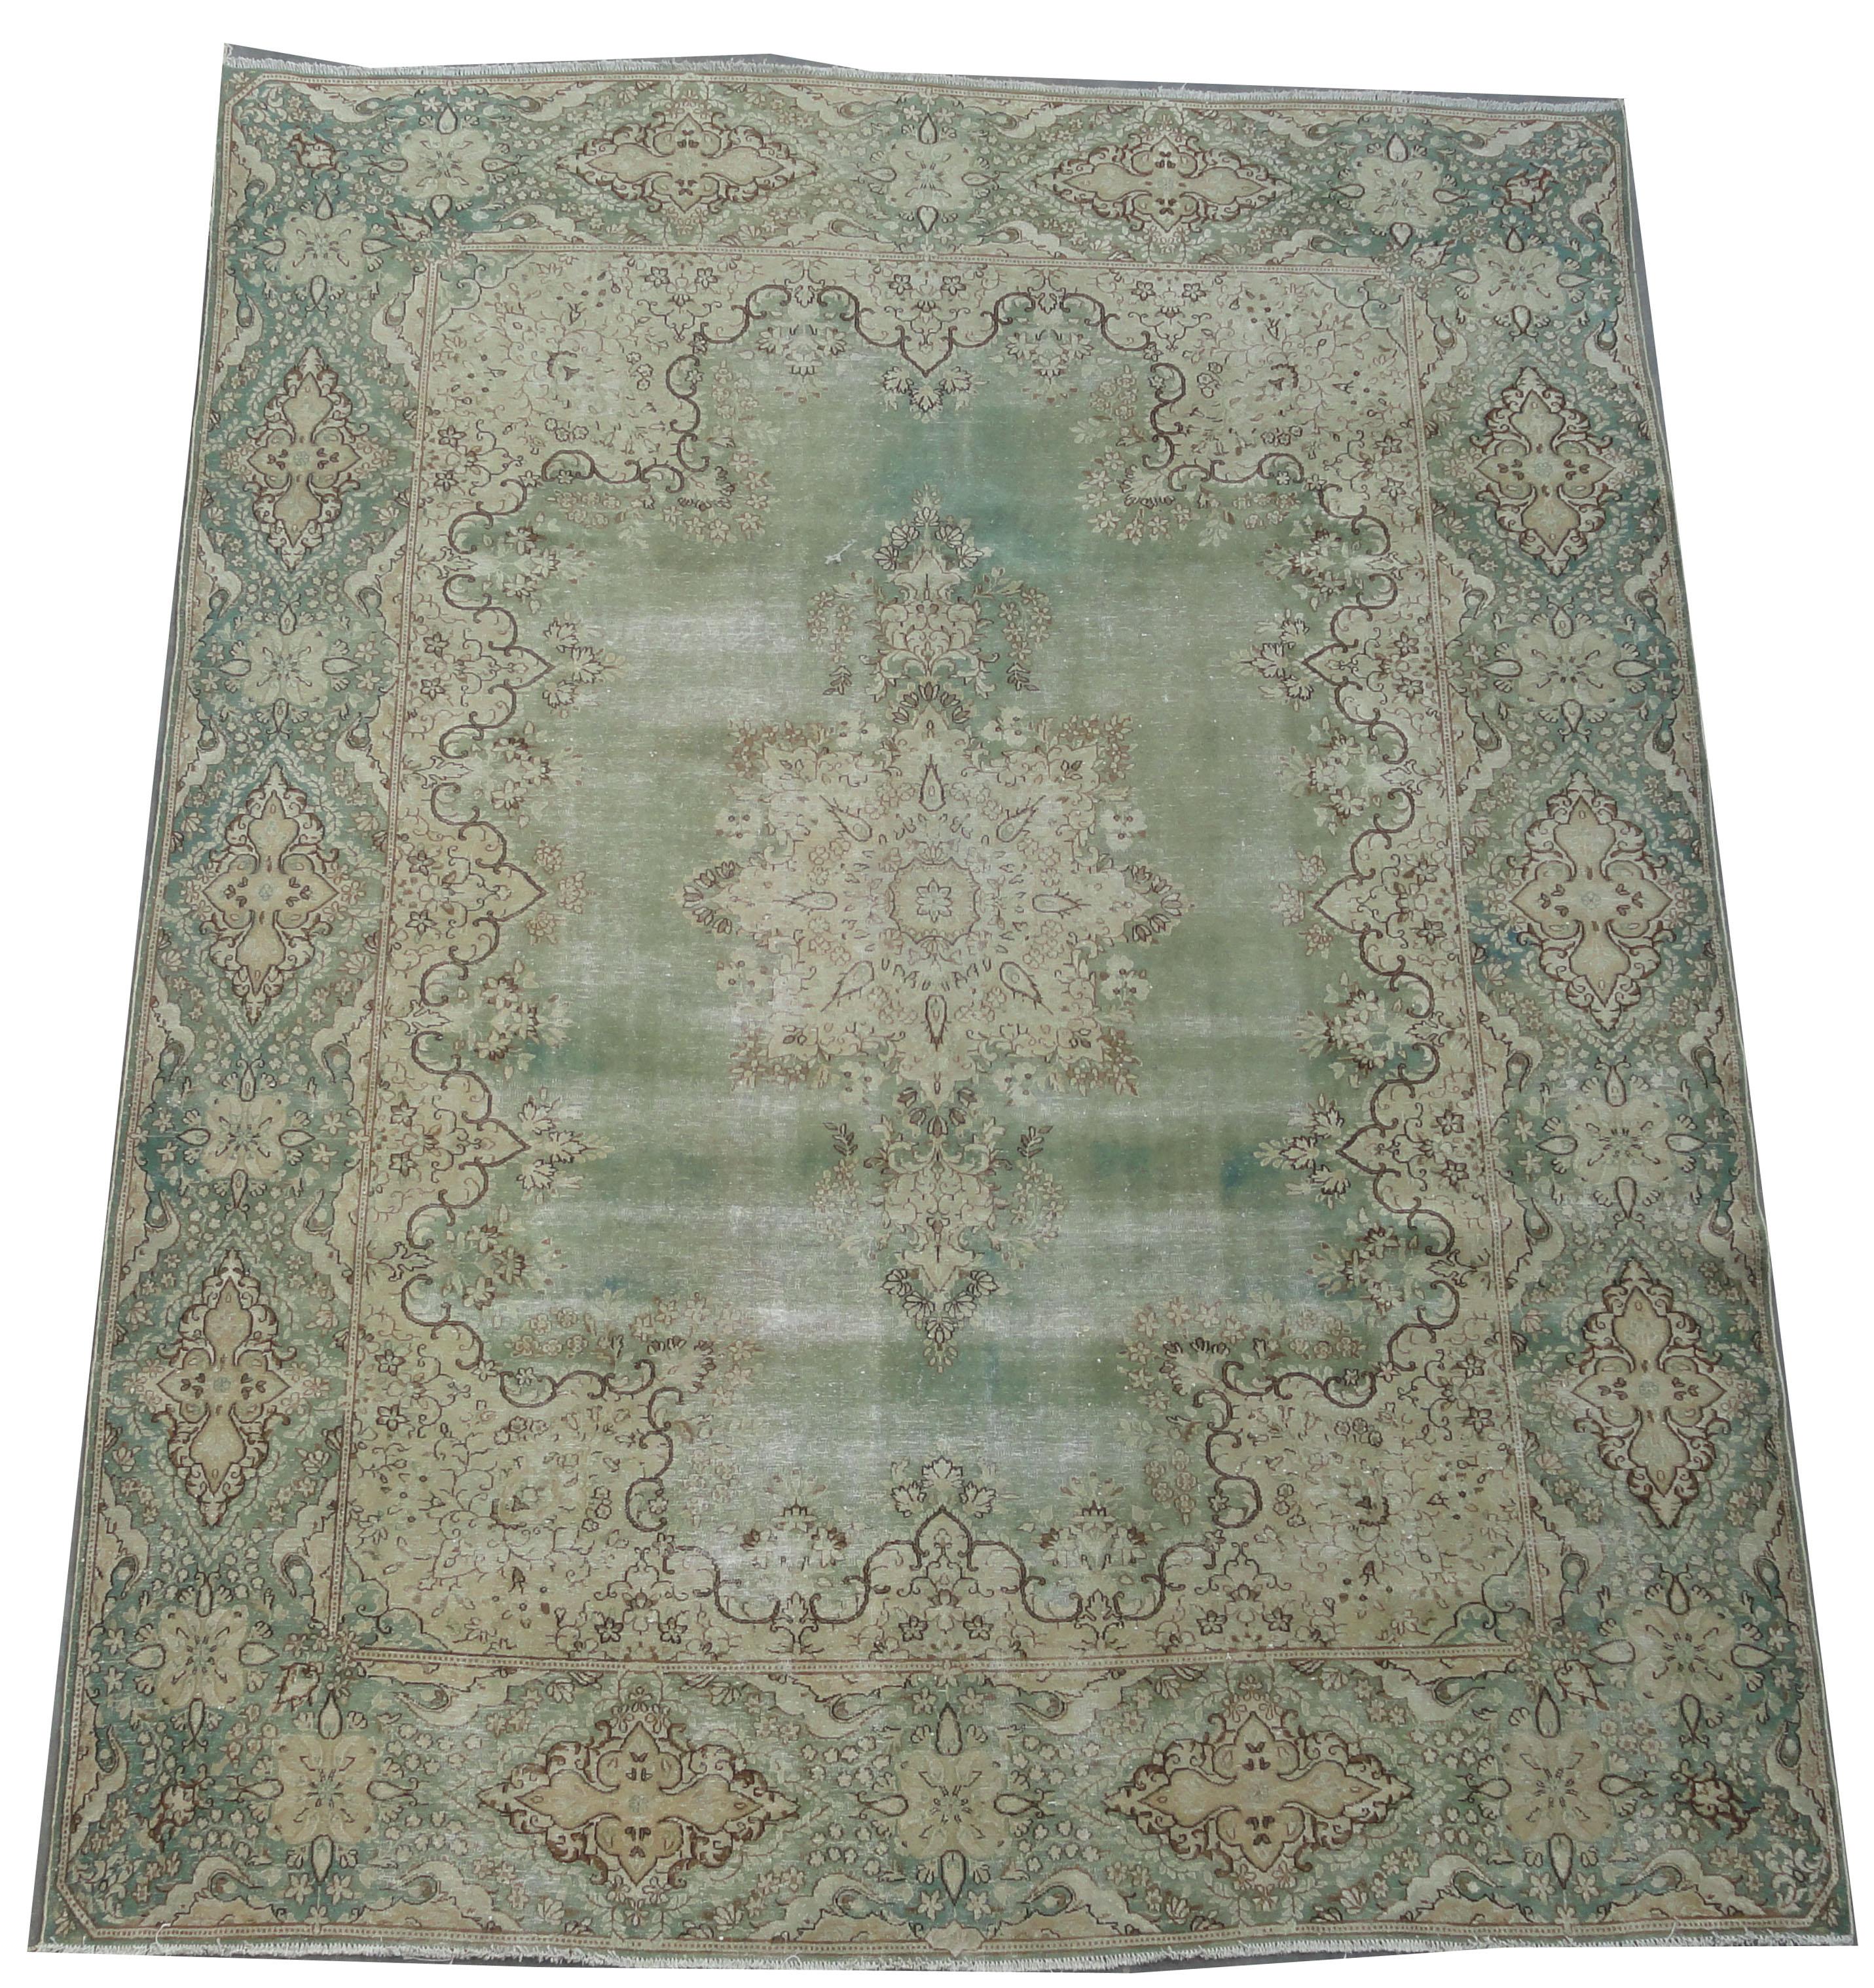 Recoloured klassiek vloerkleed nr 2271 (379cm x 292cm) tapijt wat een nieuwe hippe trendy kleur heeft gekregen.